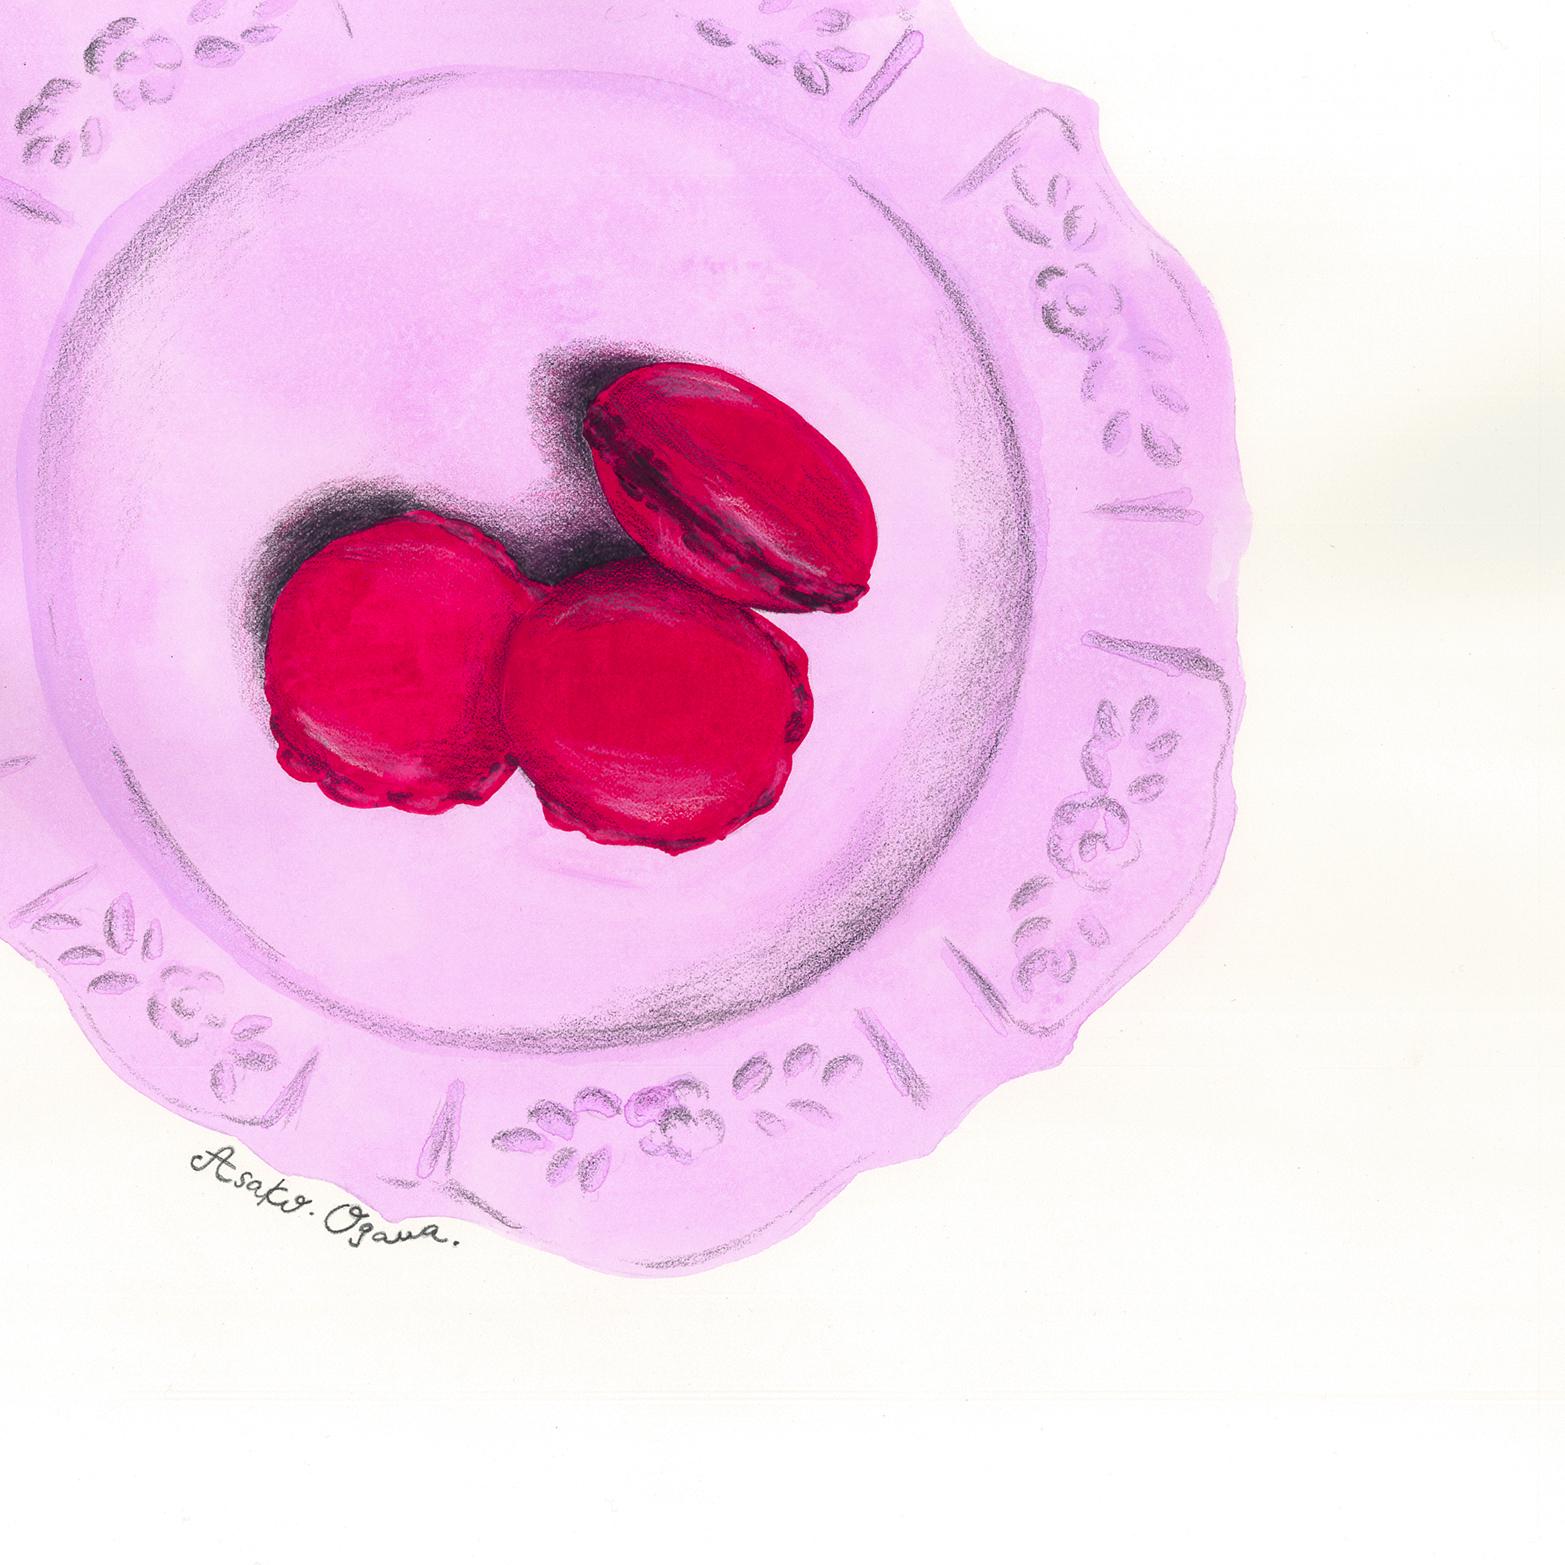 web) Pink macaron